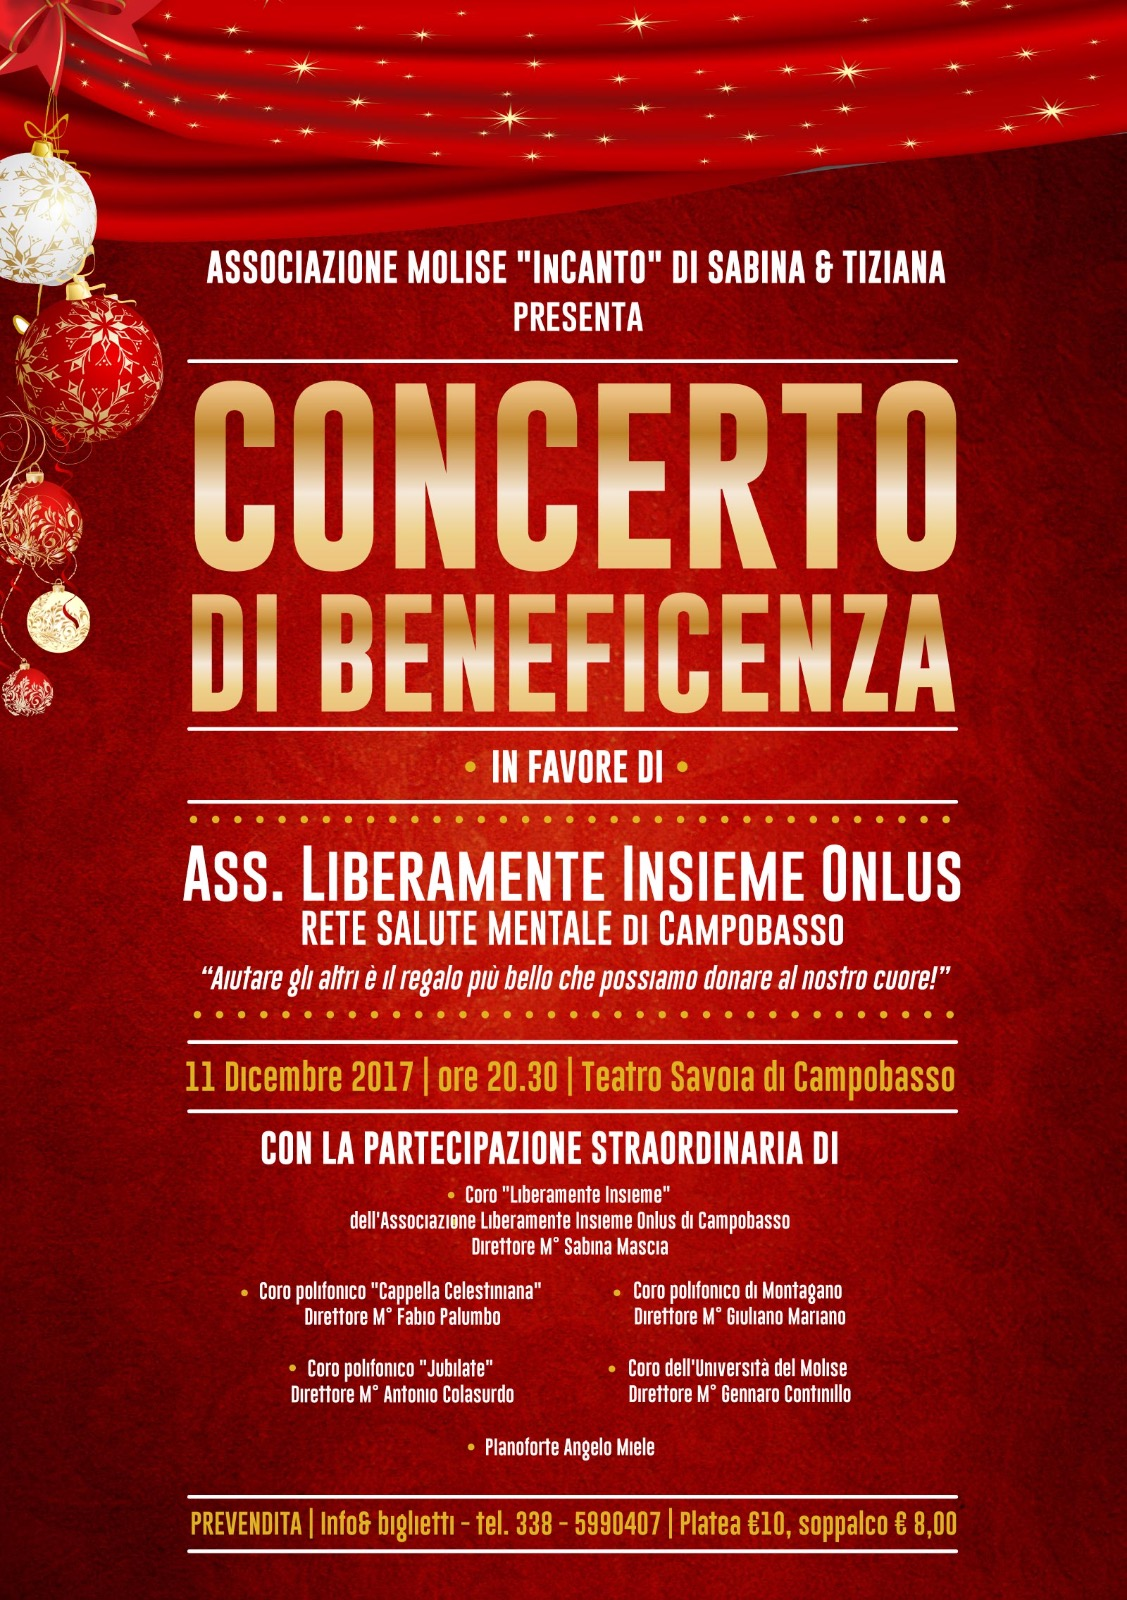 Concerto di beneficenza al Savoia in favore dell'associazione 'Liberamente Insieme'